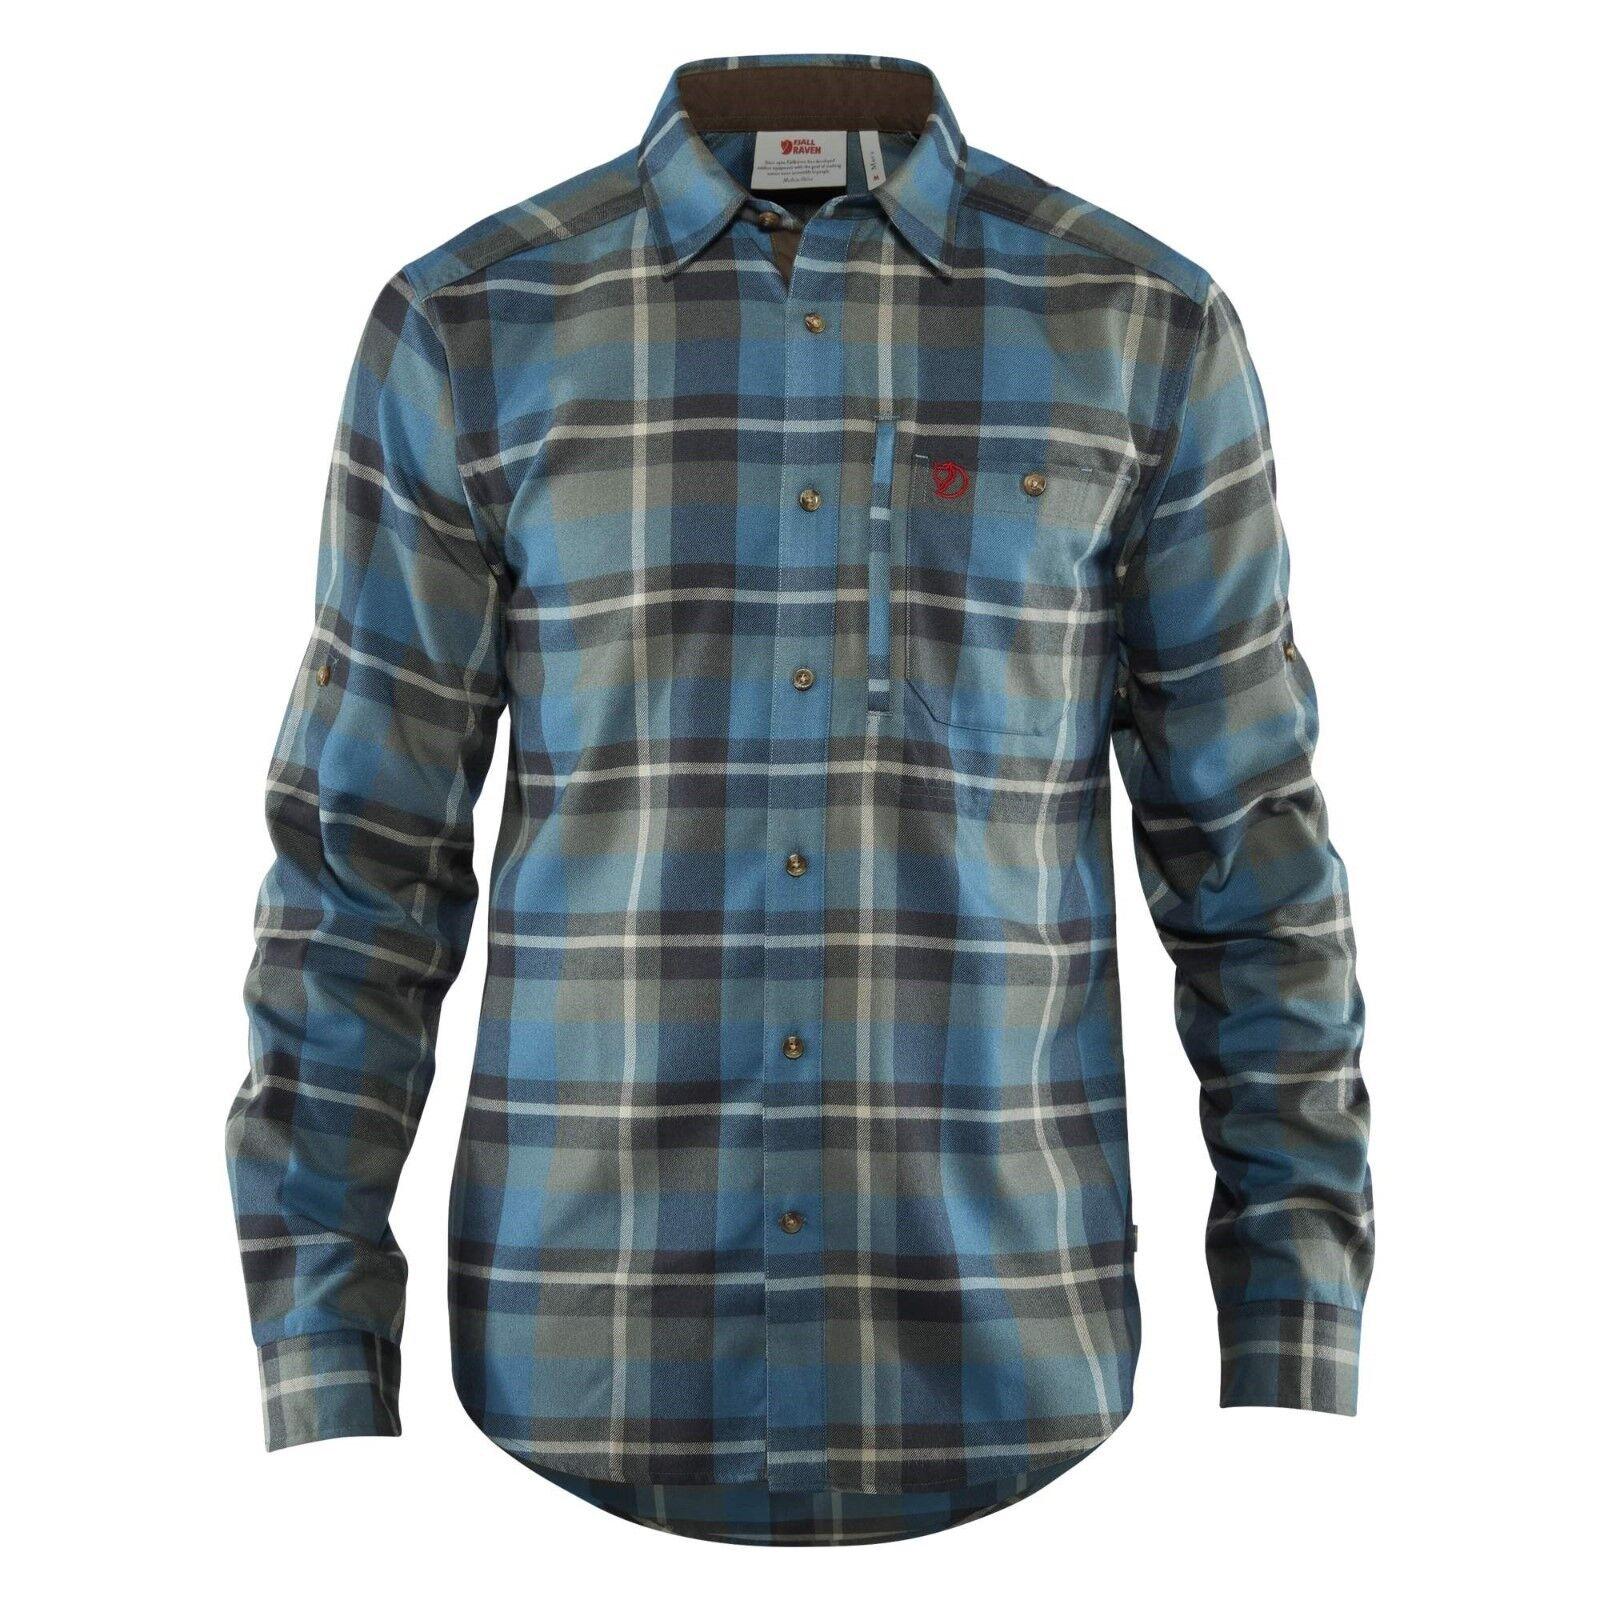 26b13df243908 Fjäll Fjällglim Langarm-Herrenhemd Funktionshemd schwarz Shirt Räven  nvnhzq3383-Hemden